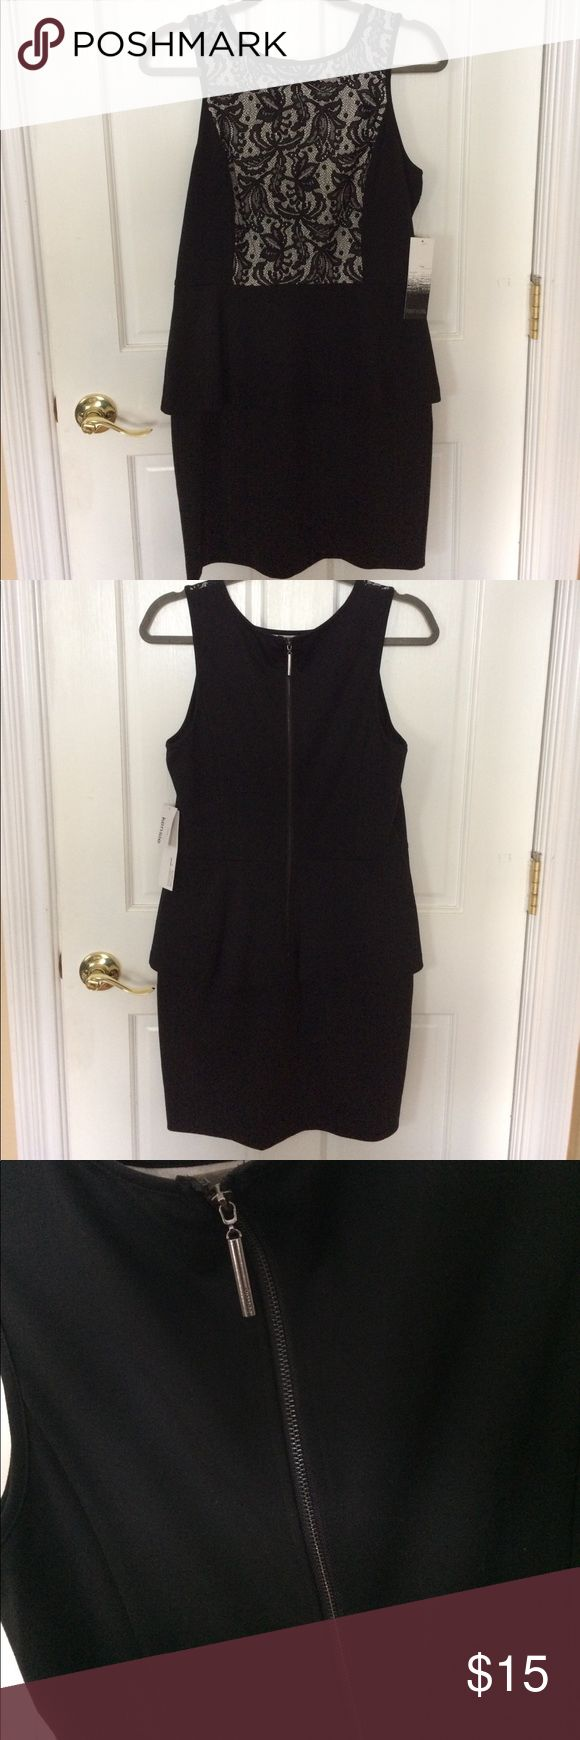 KENSIE Woman's Peplum Dress KENSIE woman's Dress SZ M. Back Zip. Kensie Dresses